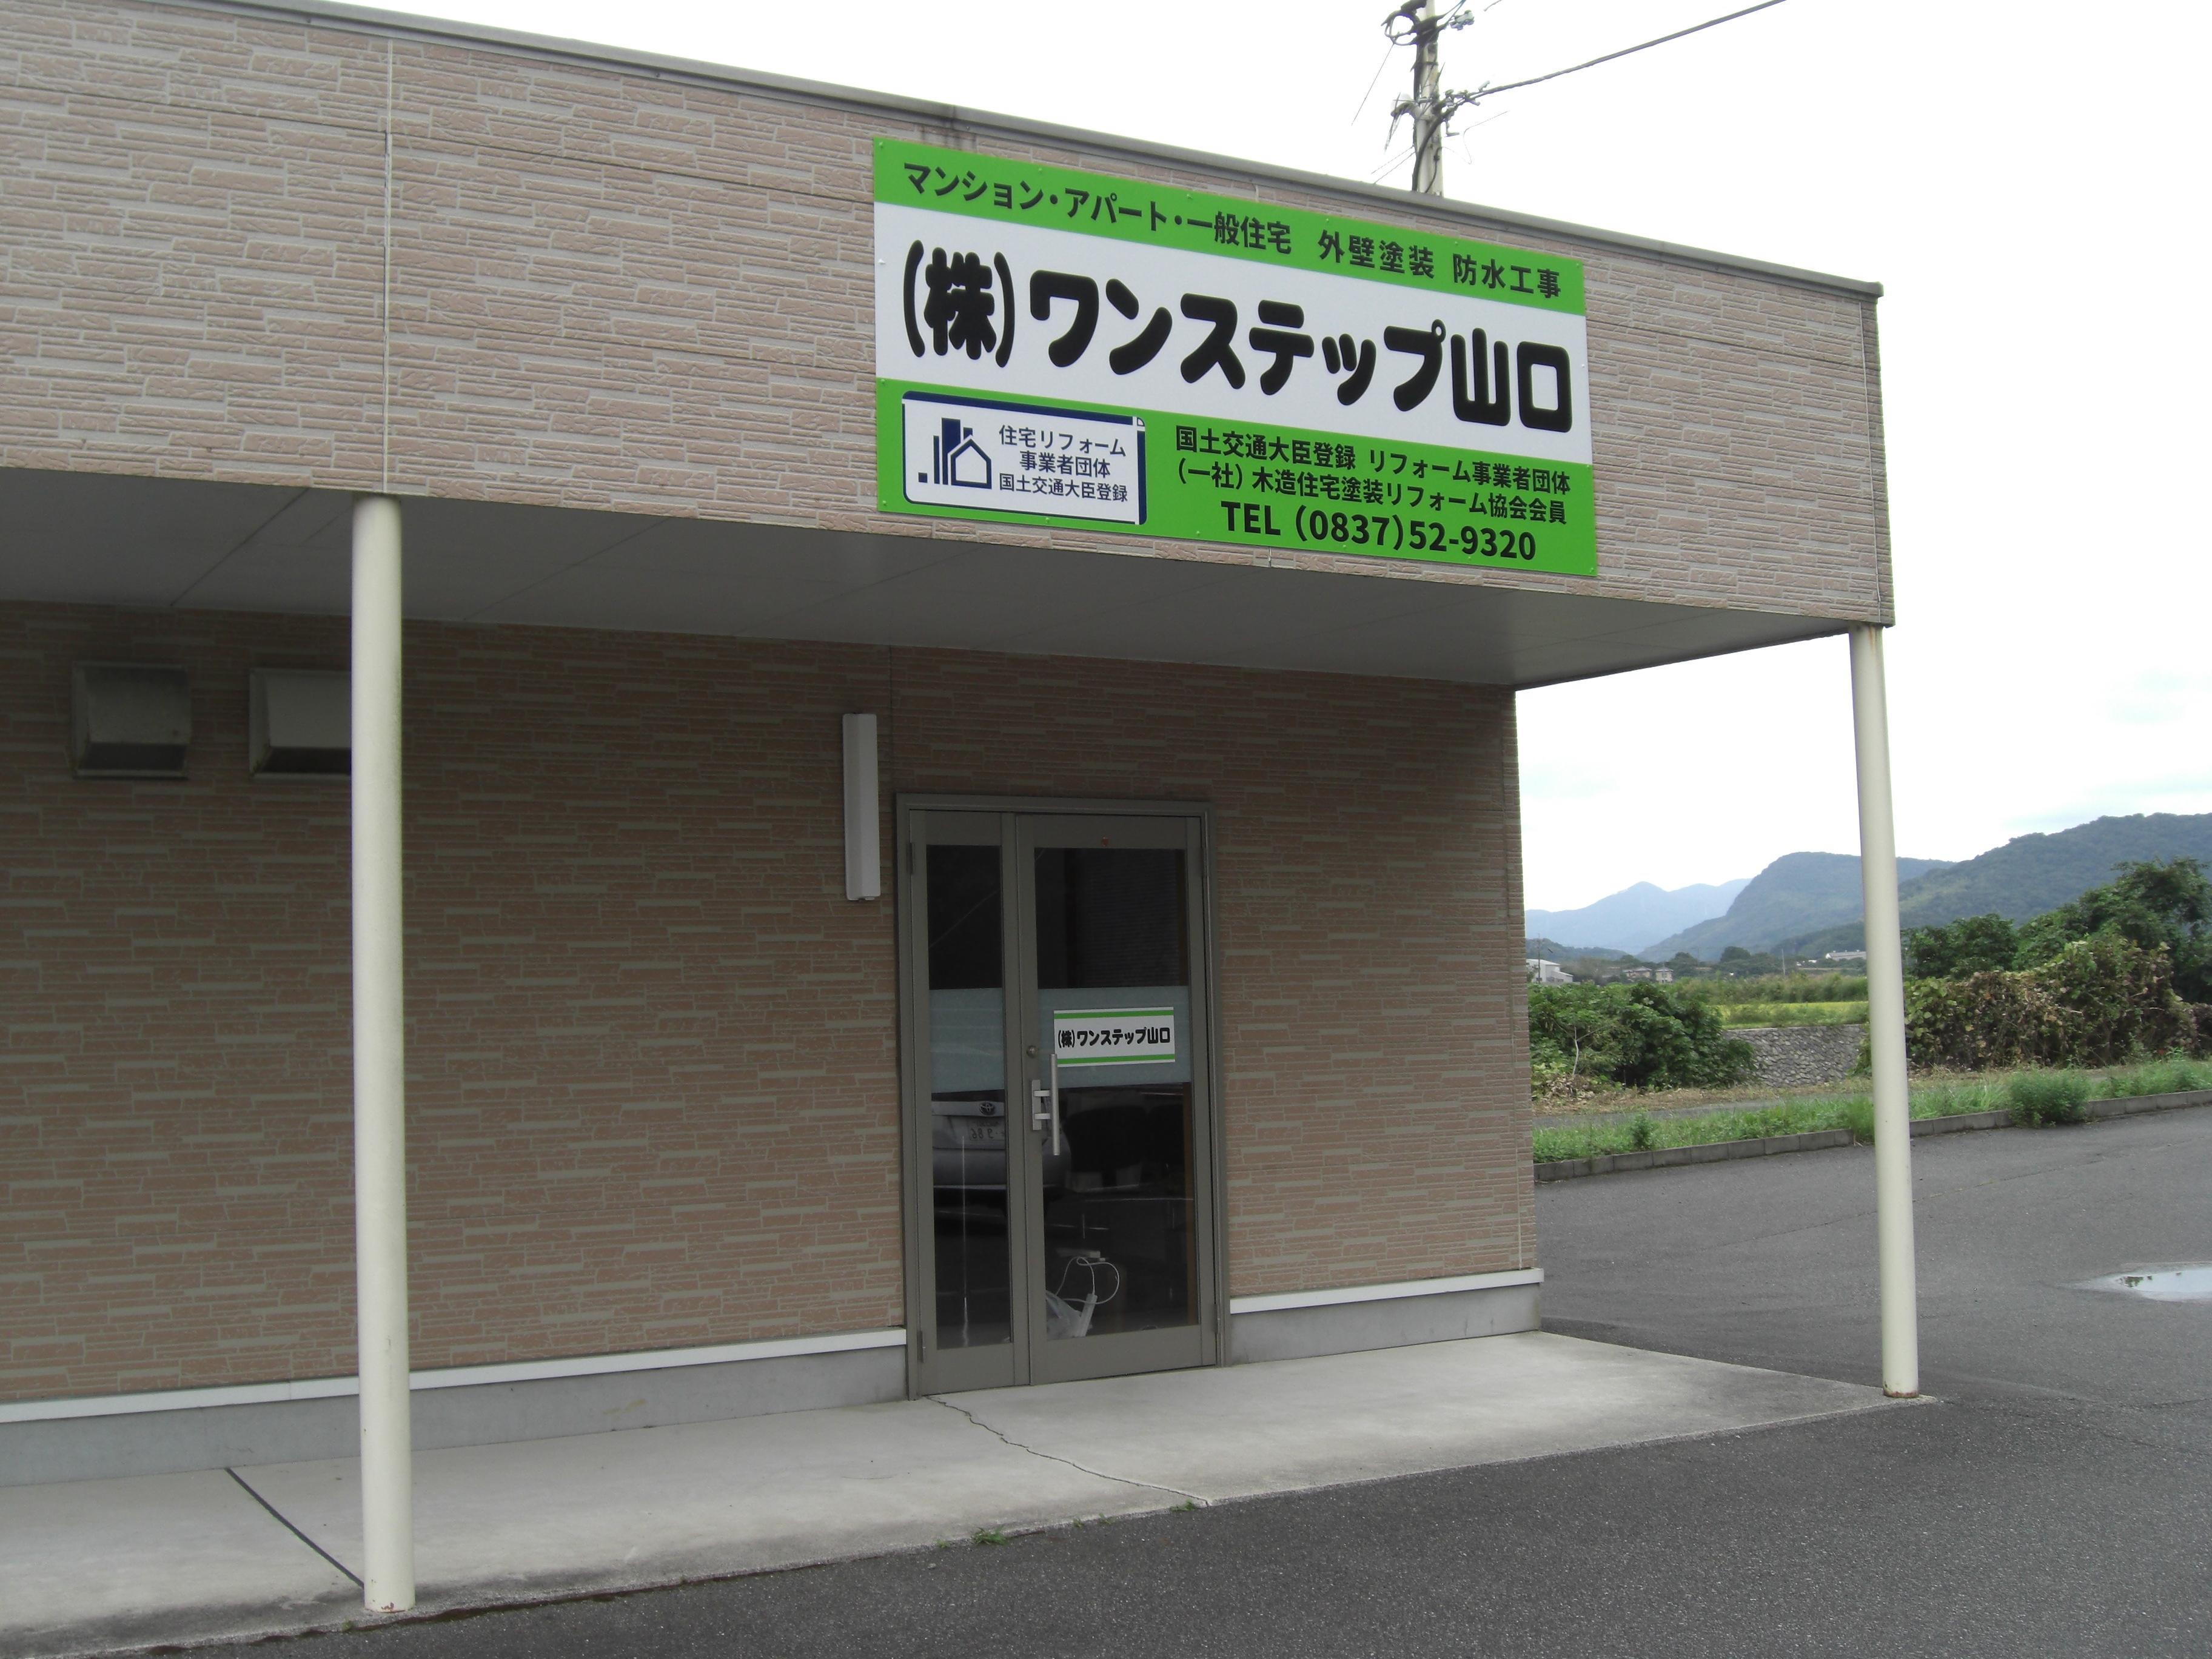 株式会社 ワンステップ山口営業所